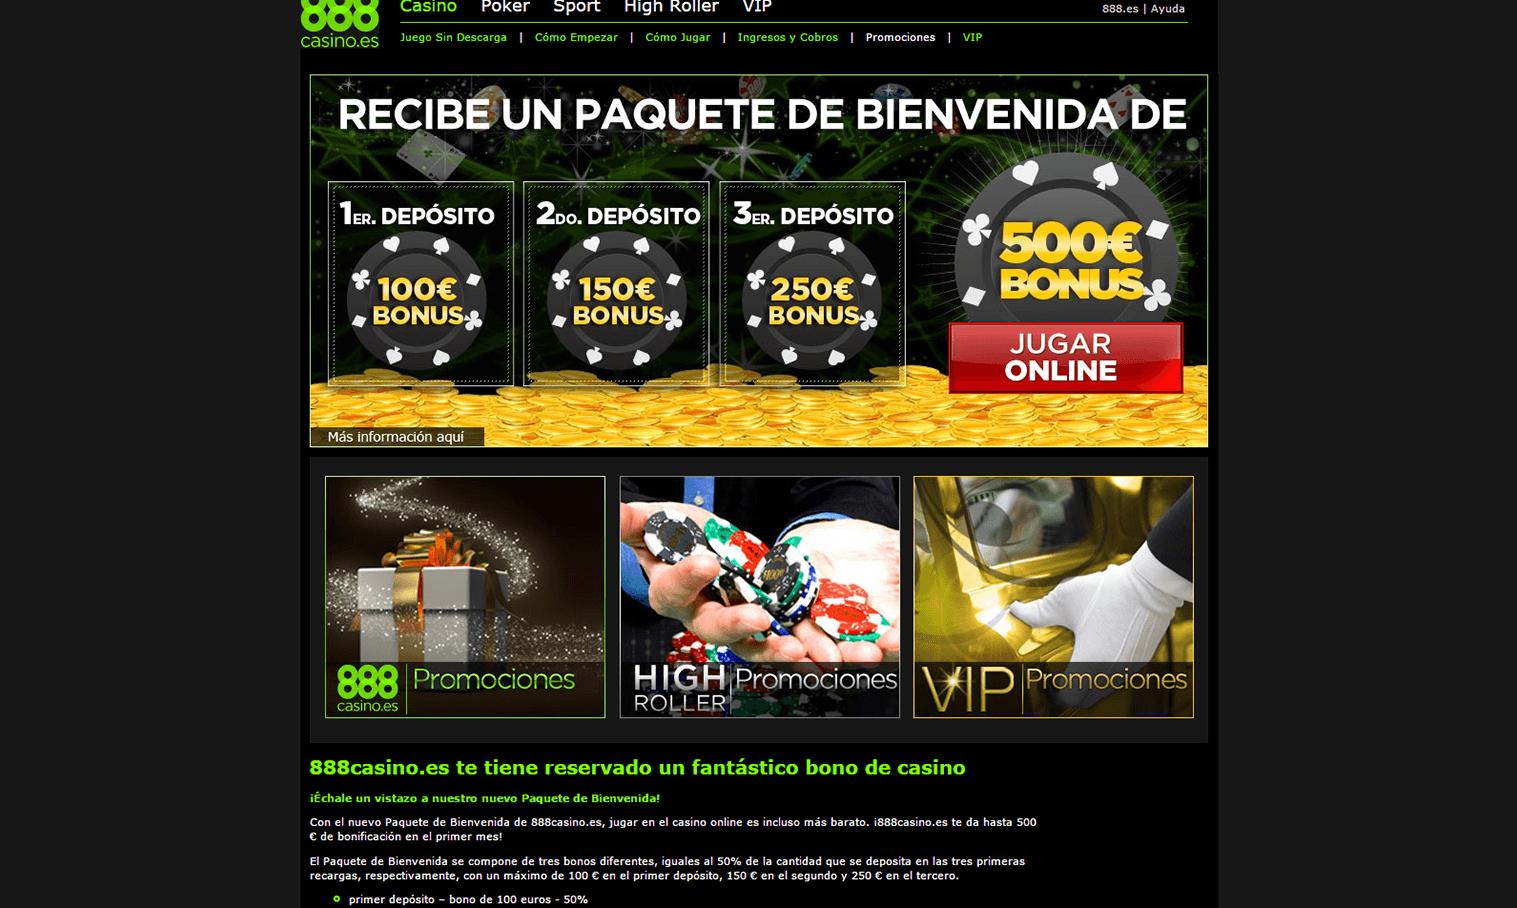 Disponible para jugadores suizos casino online-908